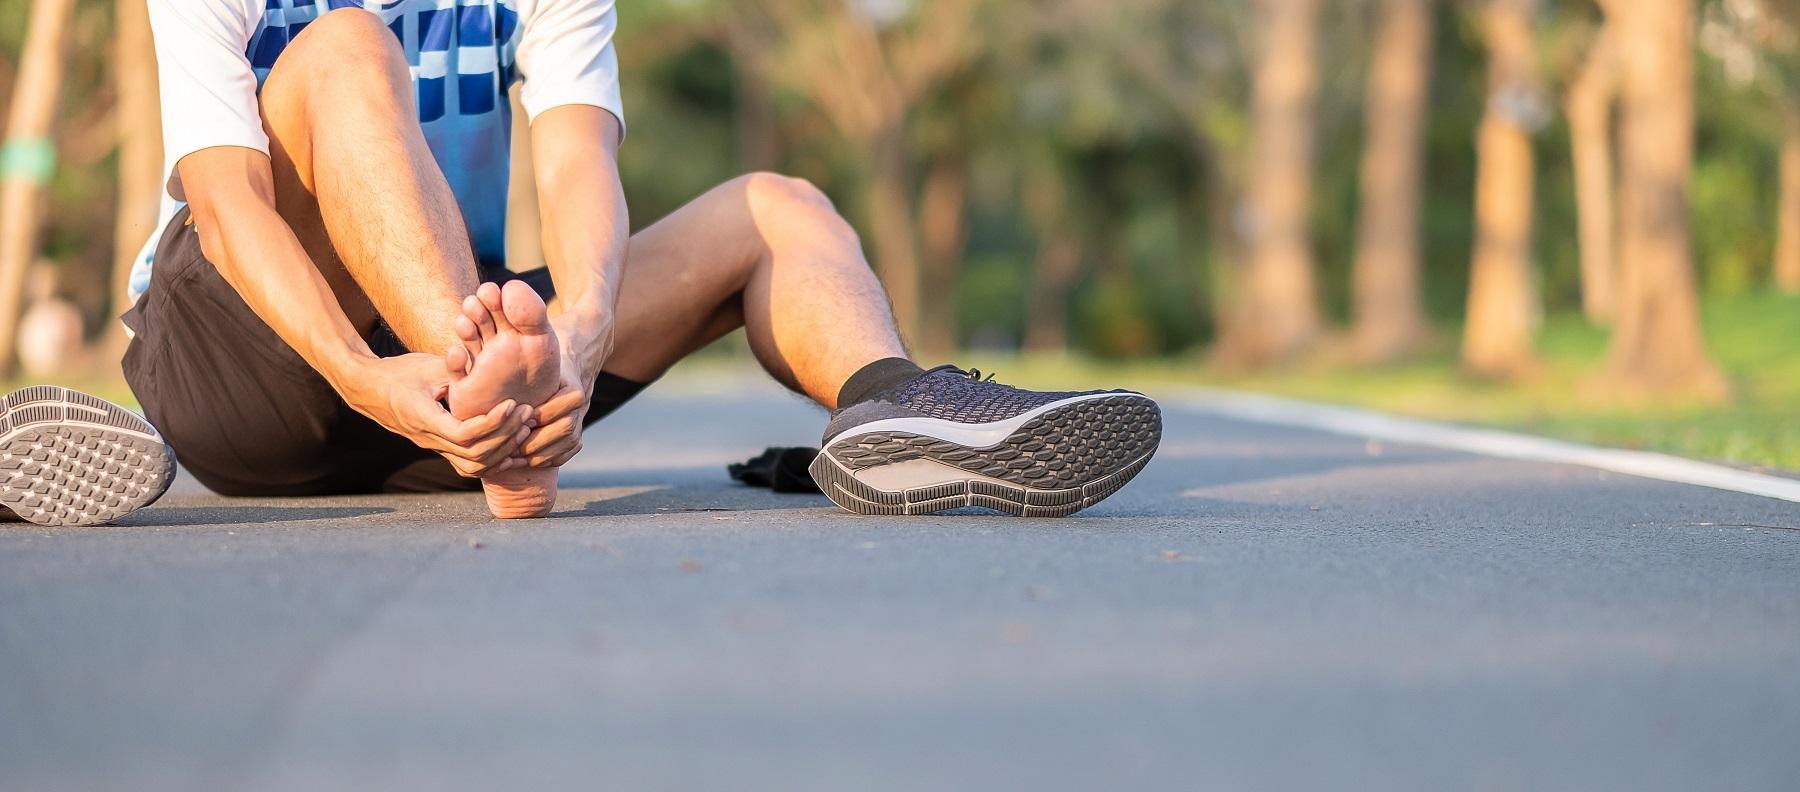 Fratura por estresse no metatarso: como diagnosticar e tratar? - Foto: Adobe Stock